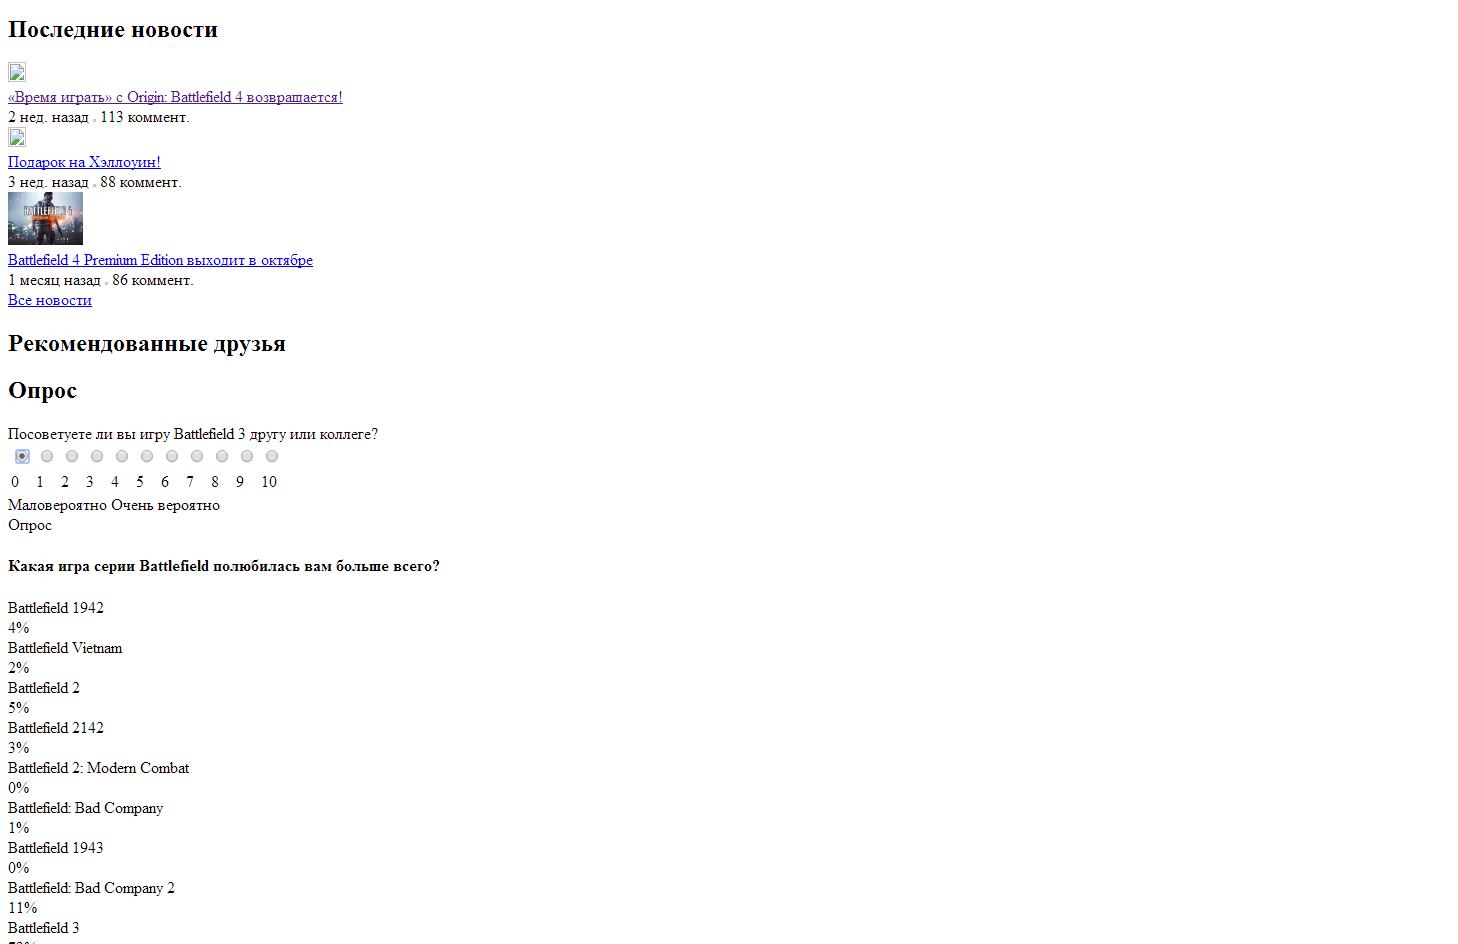 2014-11-21 15-59-47 Скриншот экрана.png